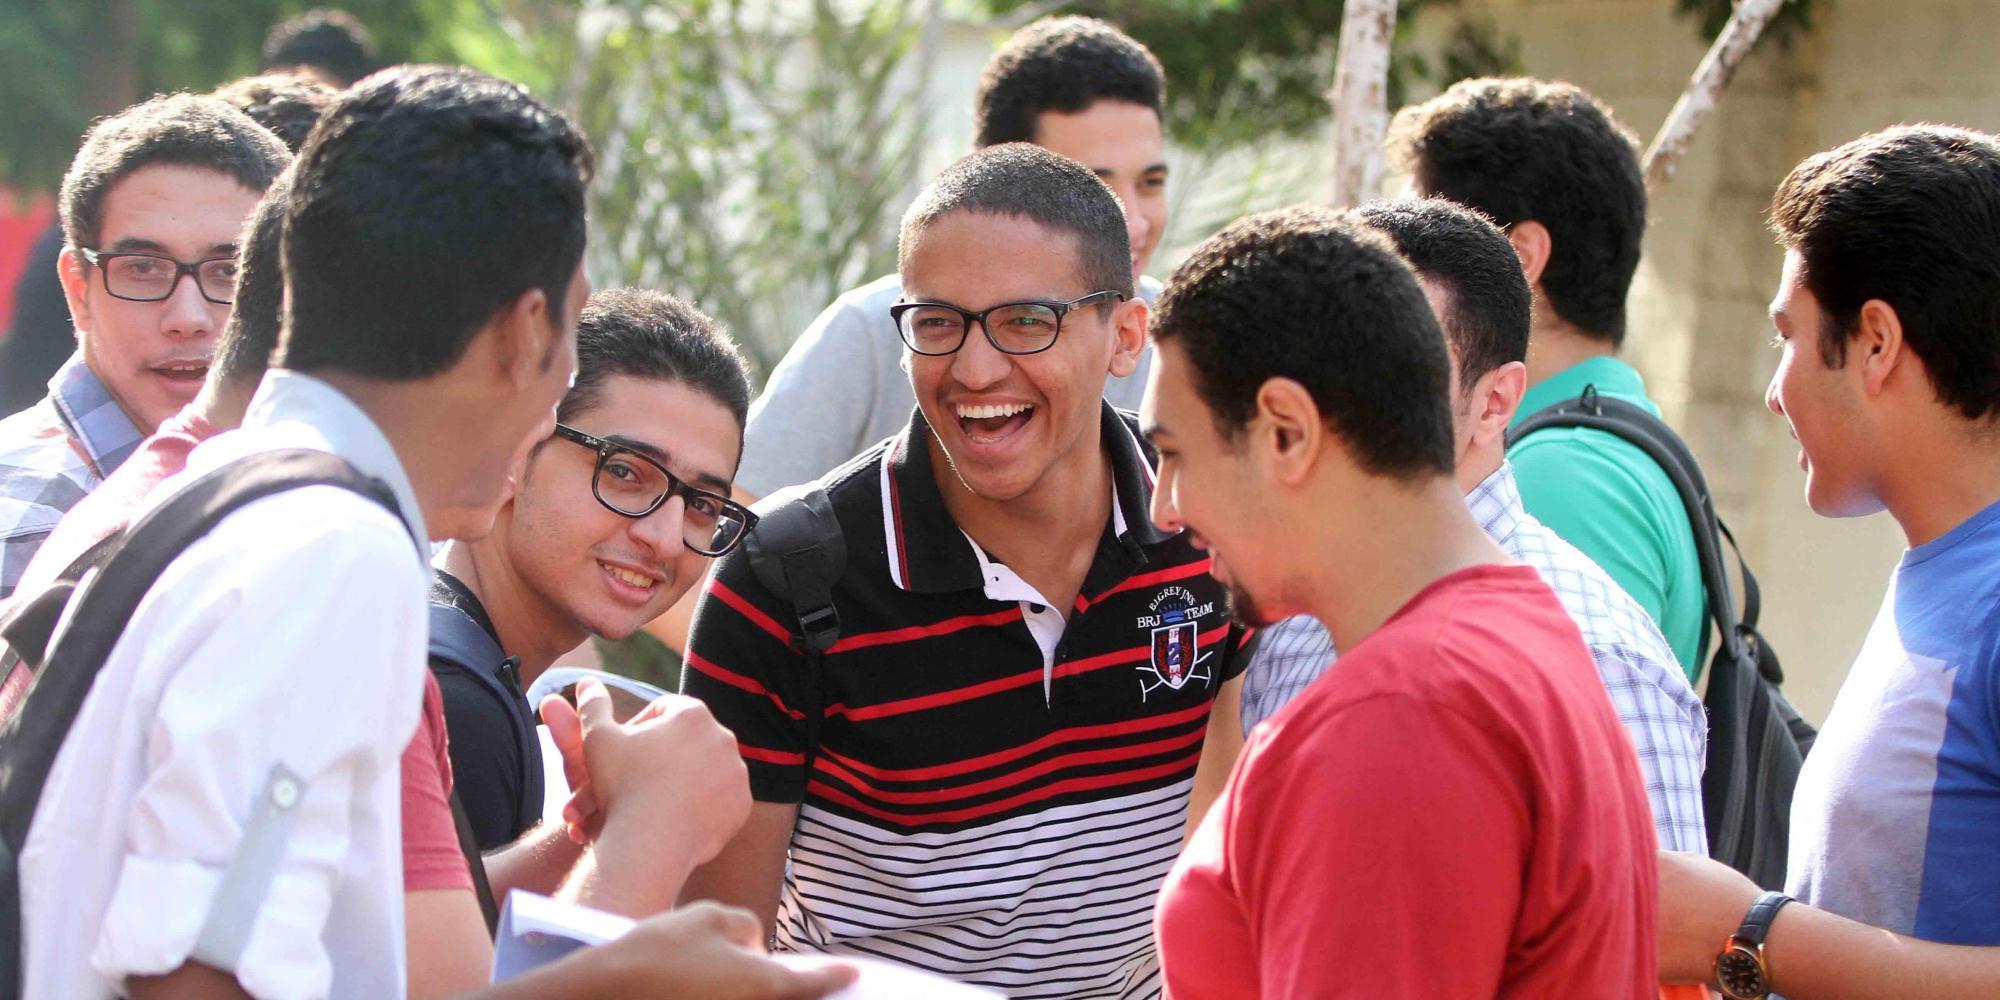 صورة قرار هام من التعليم بعد واقعة تسريب امتحان اللغة العربية عبر الفيسبوك